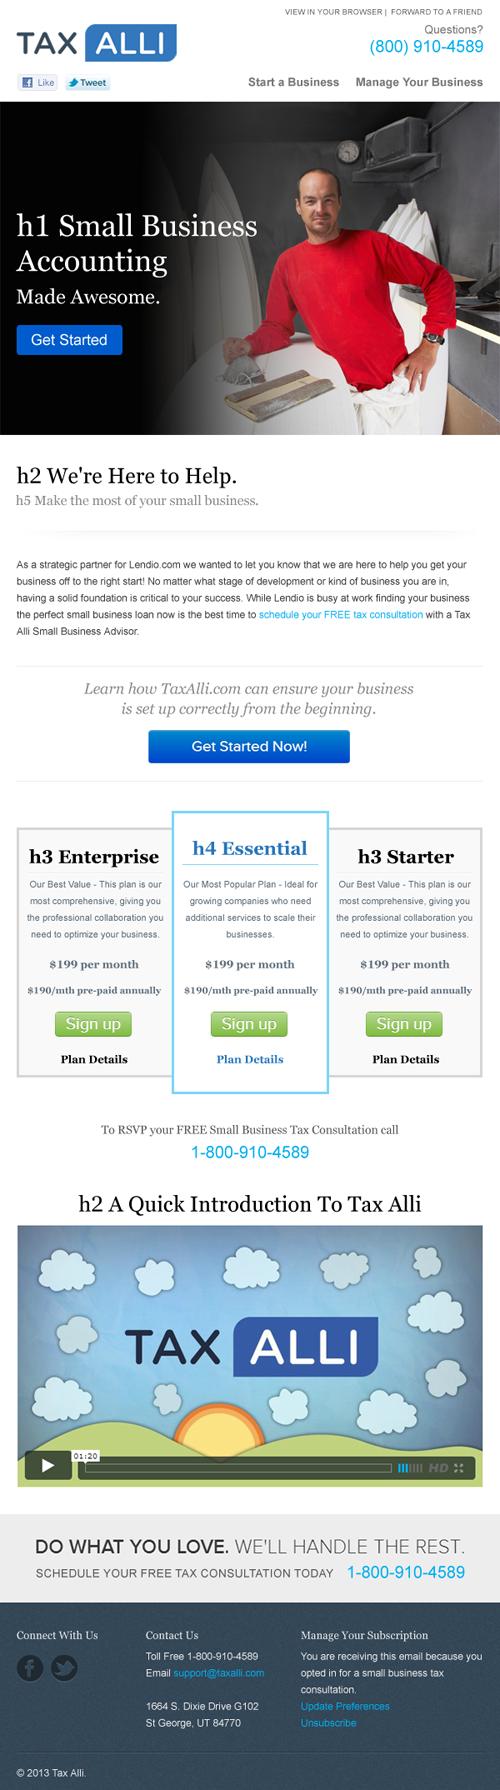 Tax Alli MailChimp Template Design Full Service Design Agency - Mailchimp template design